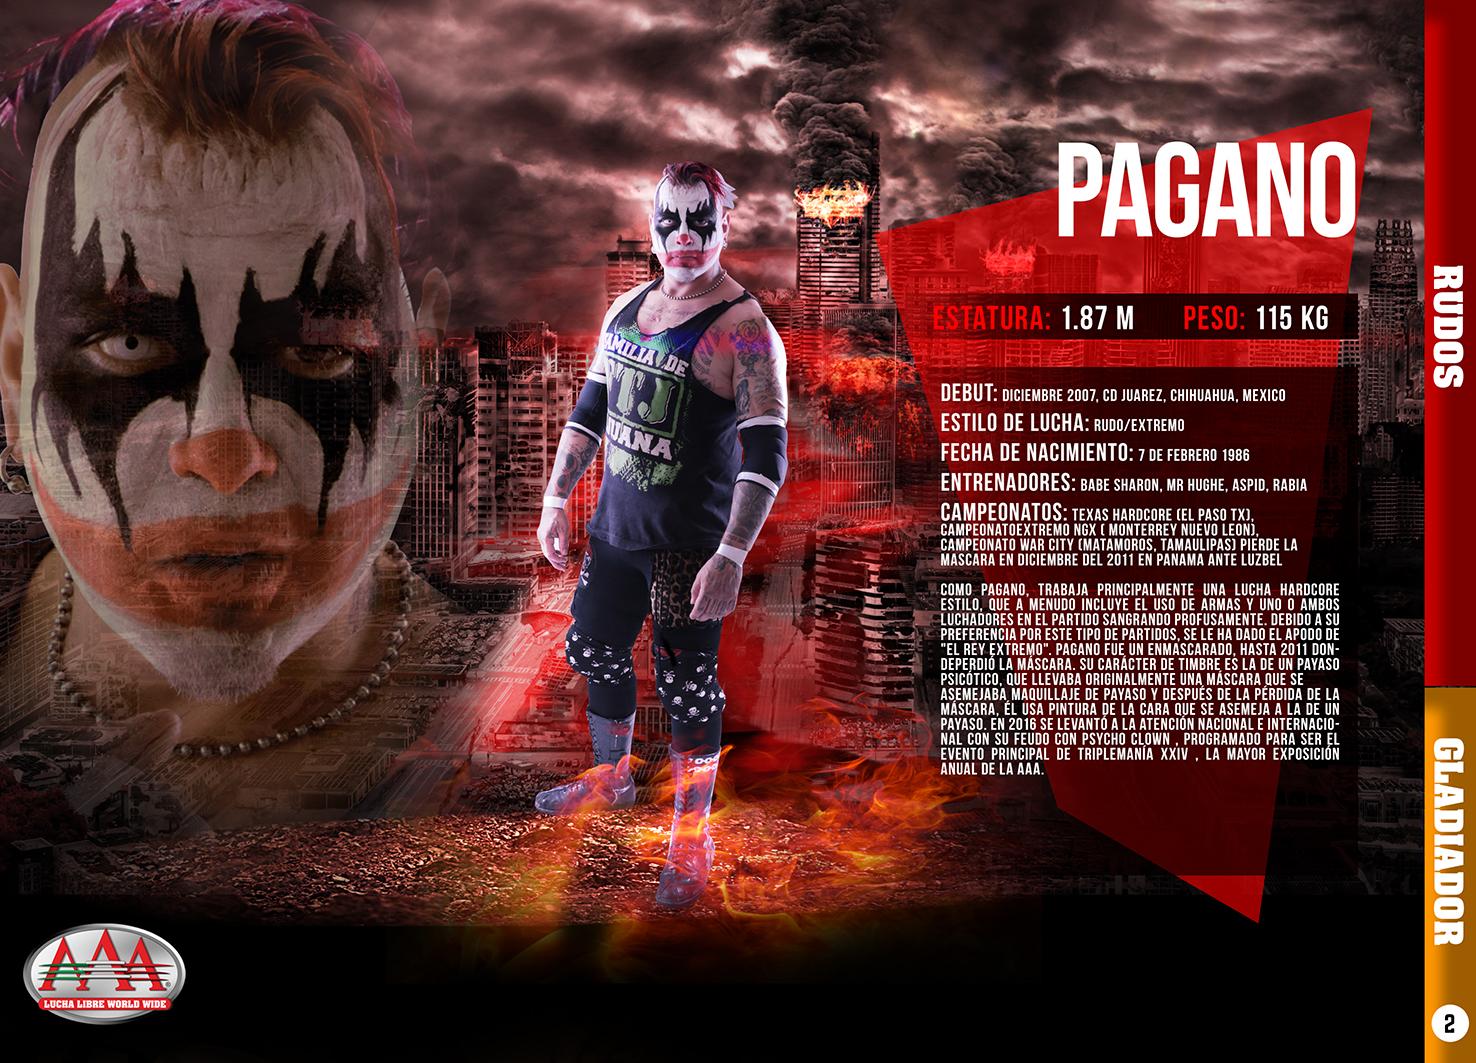 AAA_FT_PAGANO2.jpg